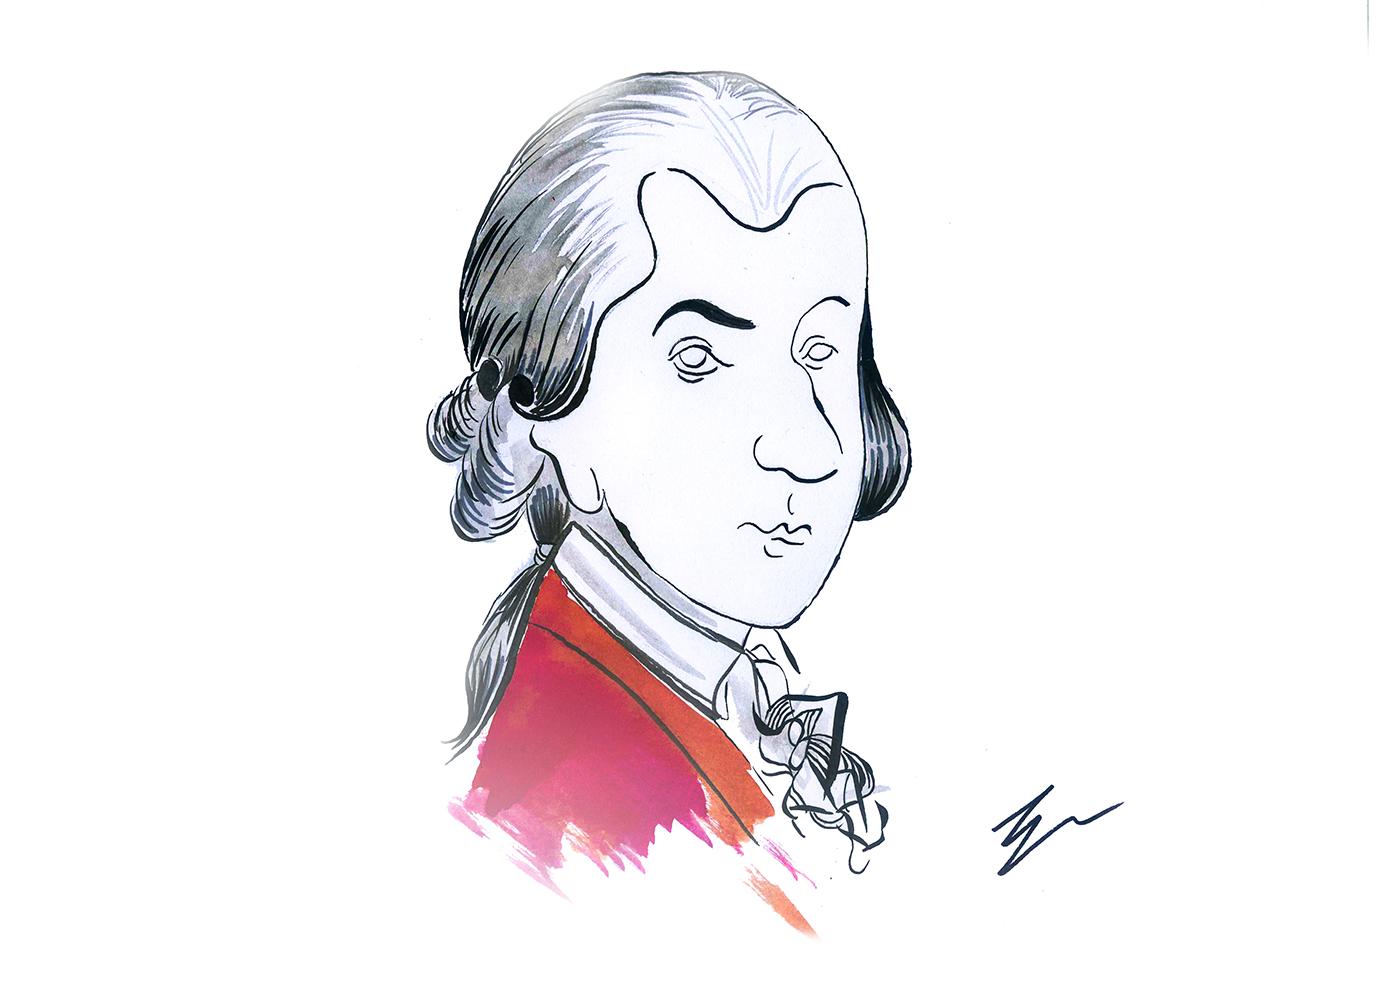 L'immagine è un disegno stilizzato di Wolfgang Amadeus Mozart. Il disegno è in bianco e nero salvo un accenno di rosso in corrispondenza della giacca del celebre compositore